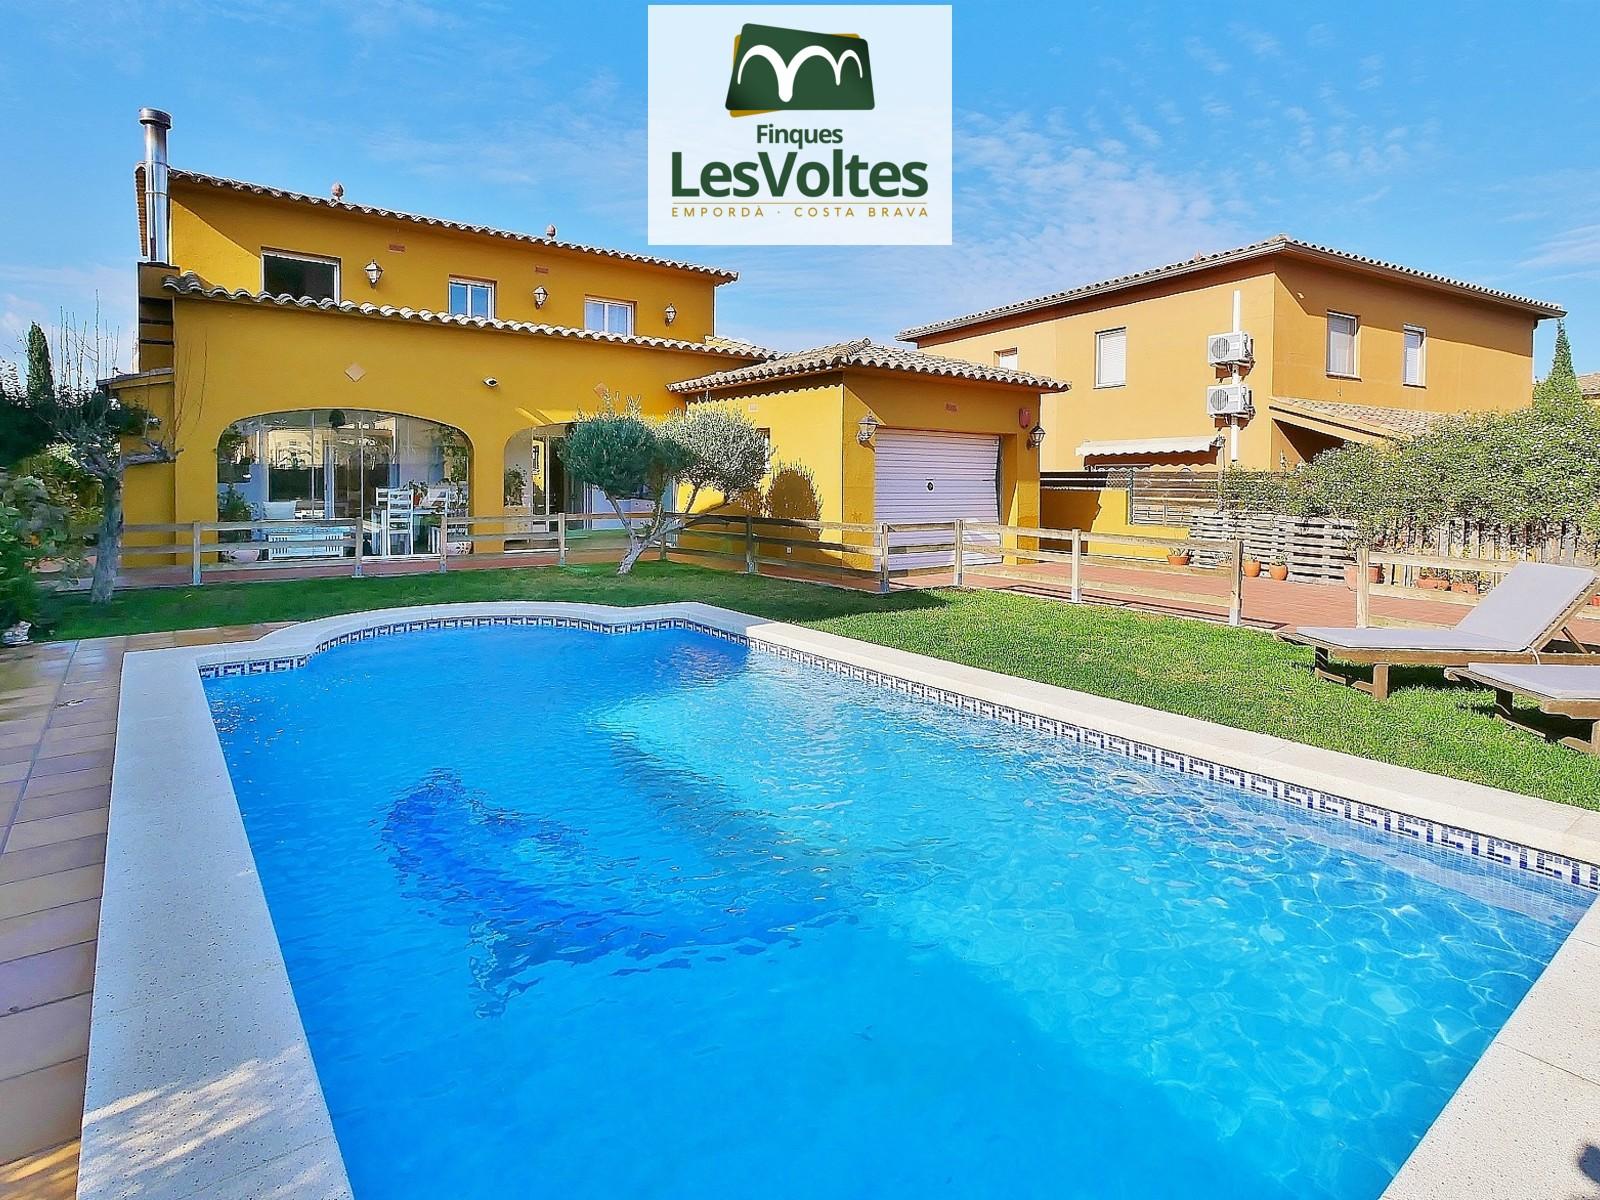 Magnífica casa unifamiliar con jardín y piscina en venta en el pueblo de Esclanyà, situada en entorno tranquilo.